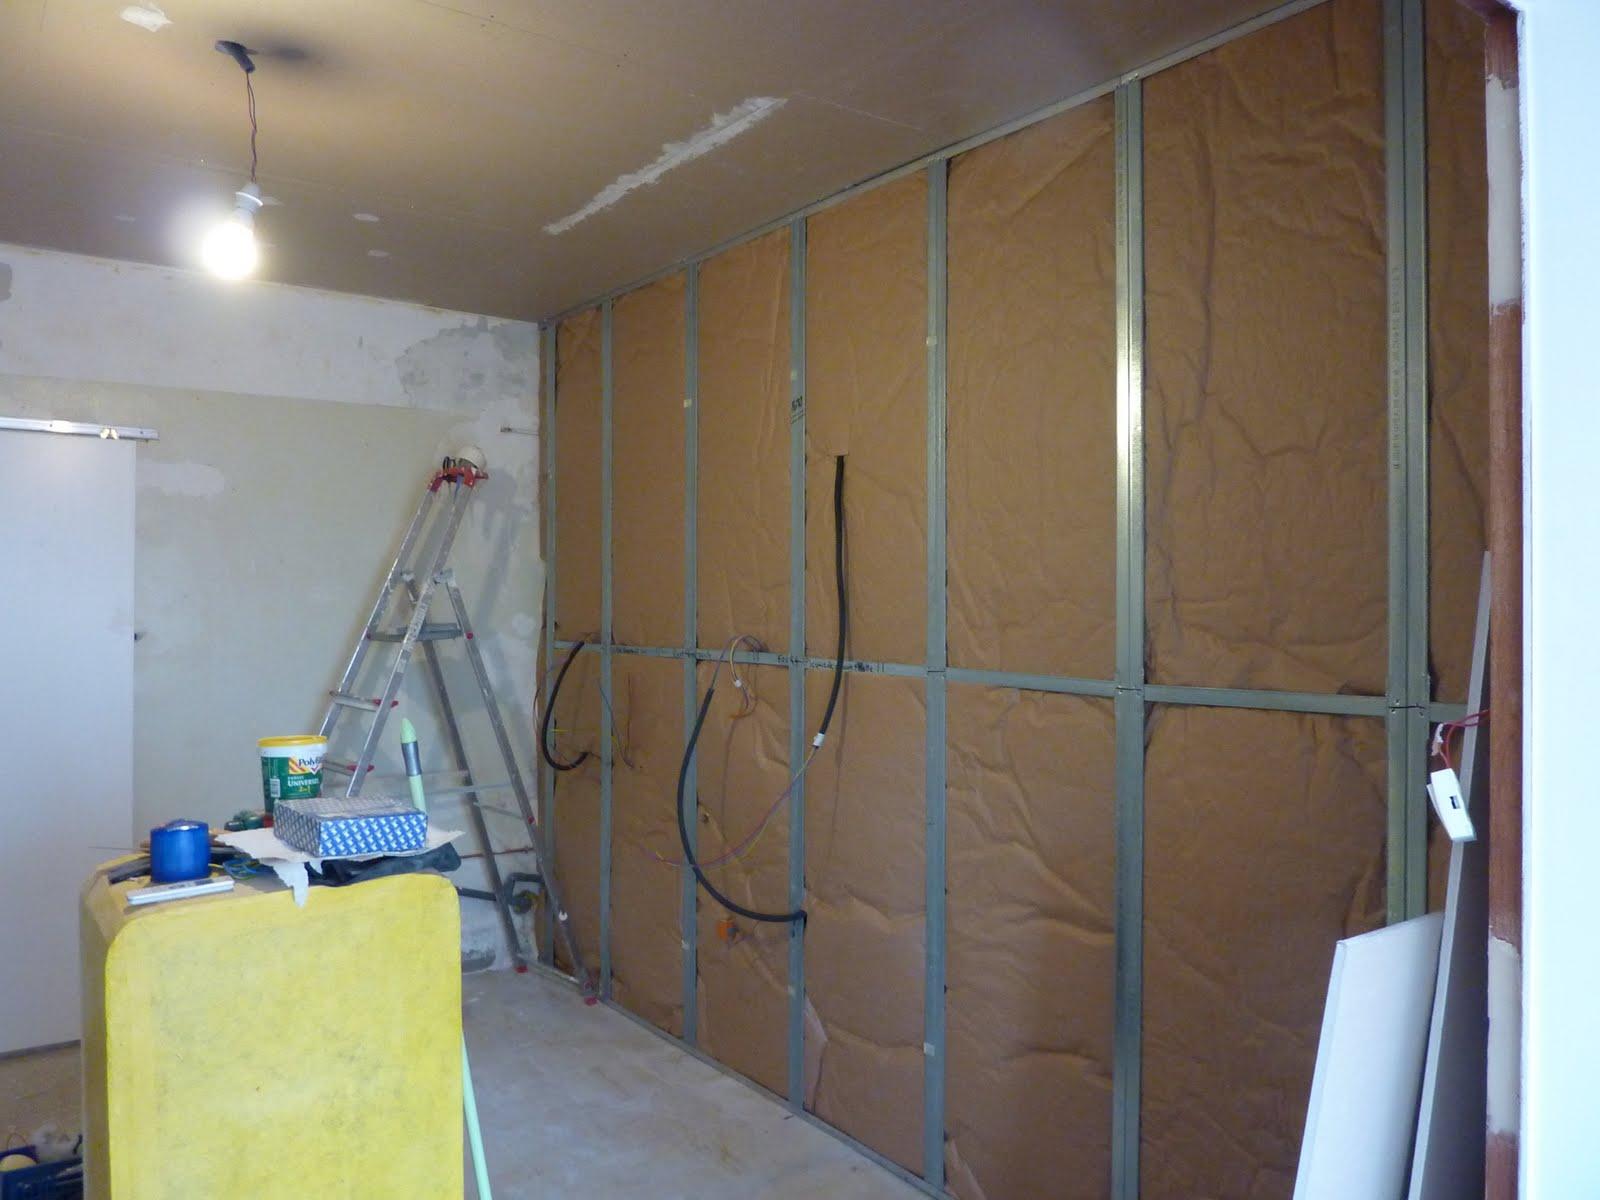 Deco Salon Moderne Et Zen : Si vous avez des questions concernant cette rénovation, nhésitez